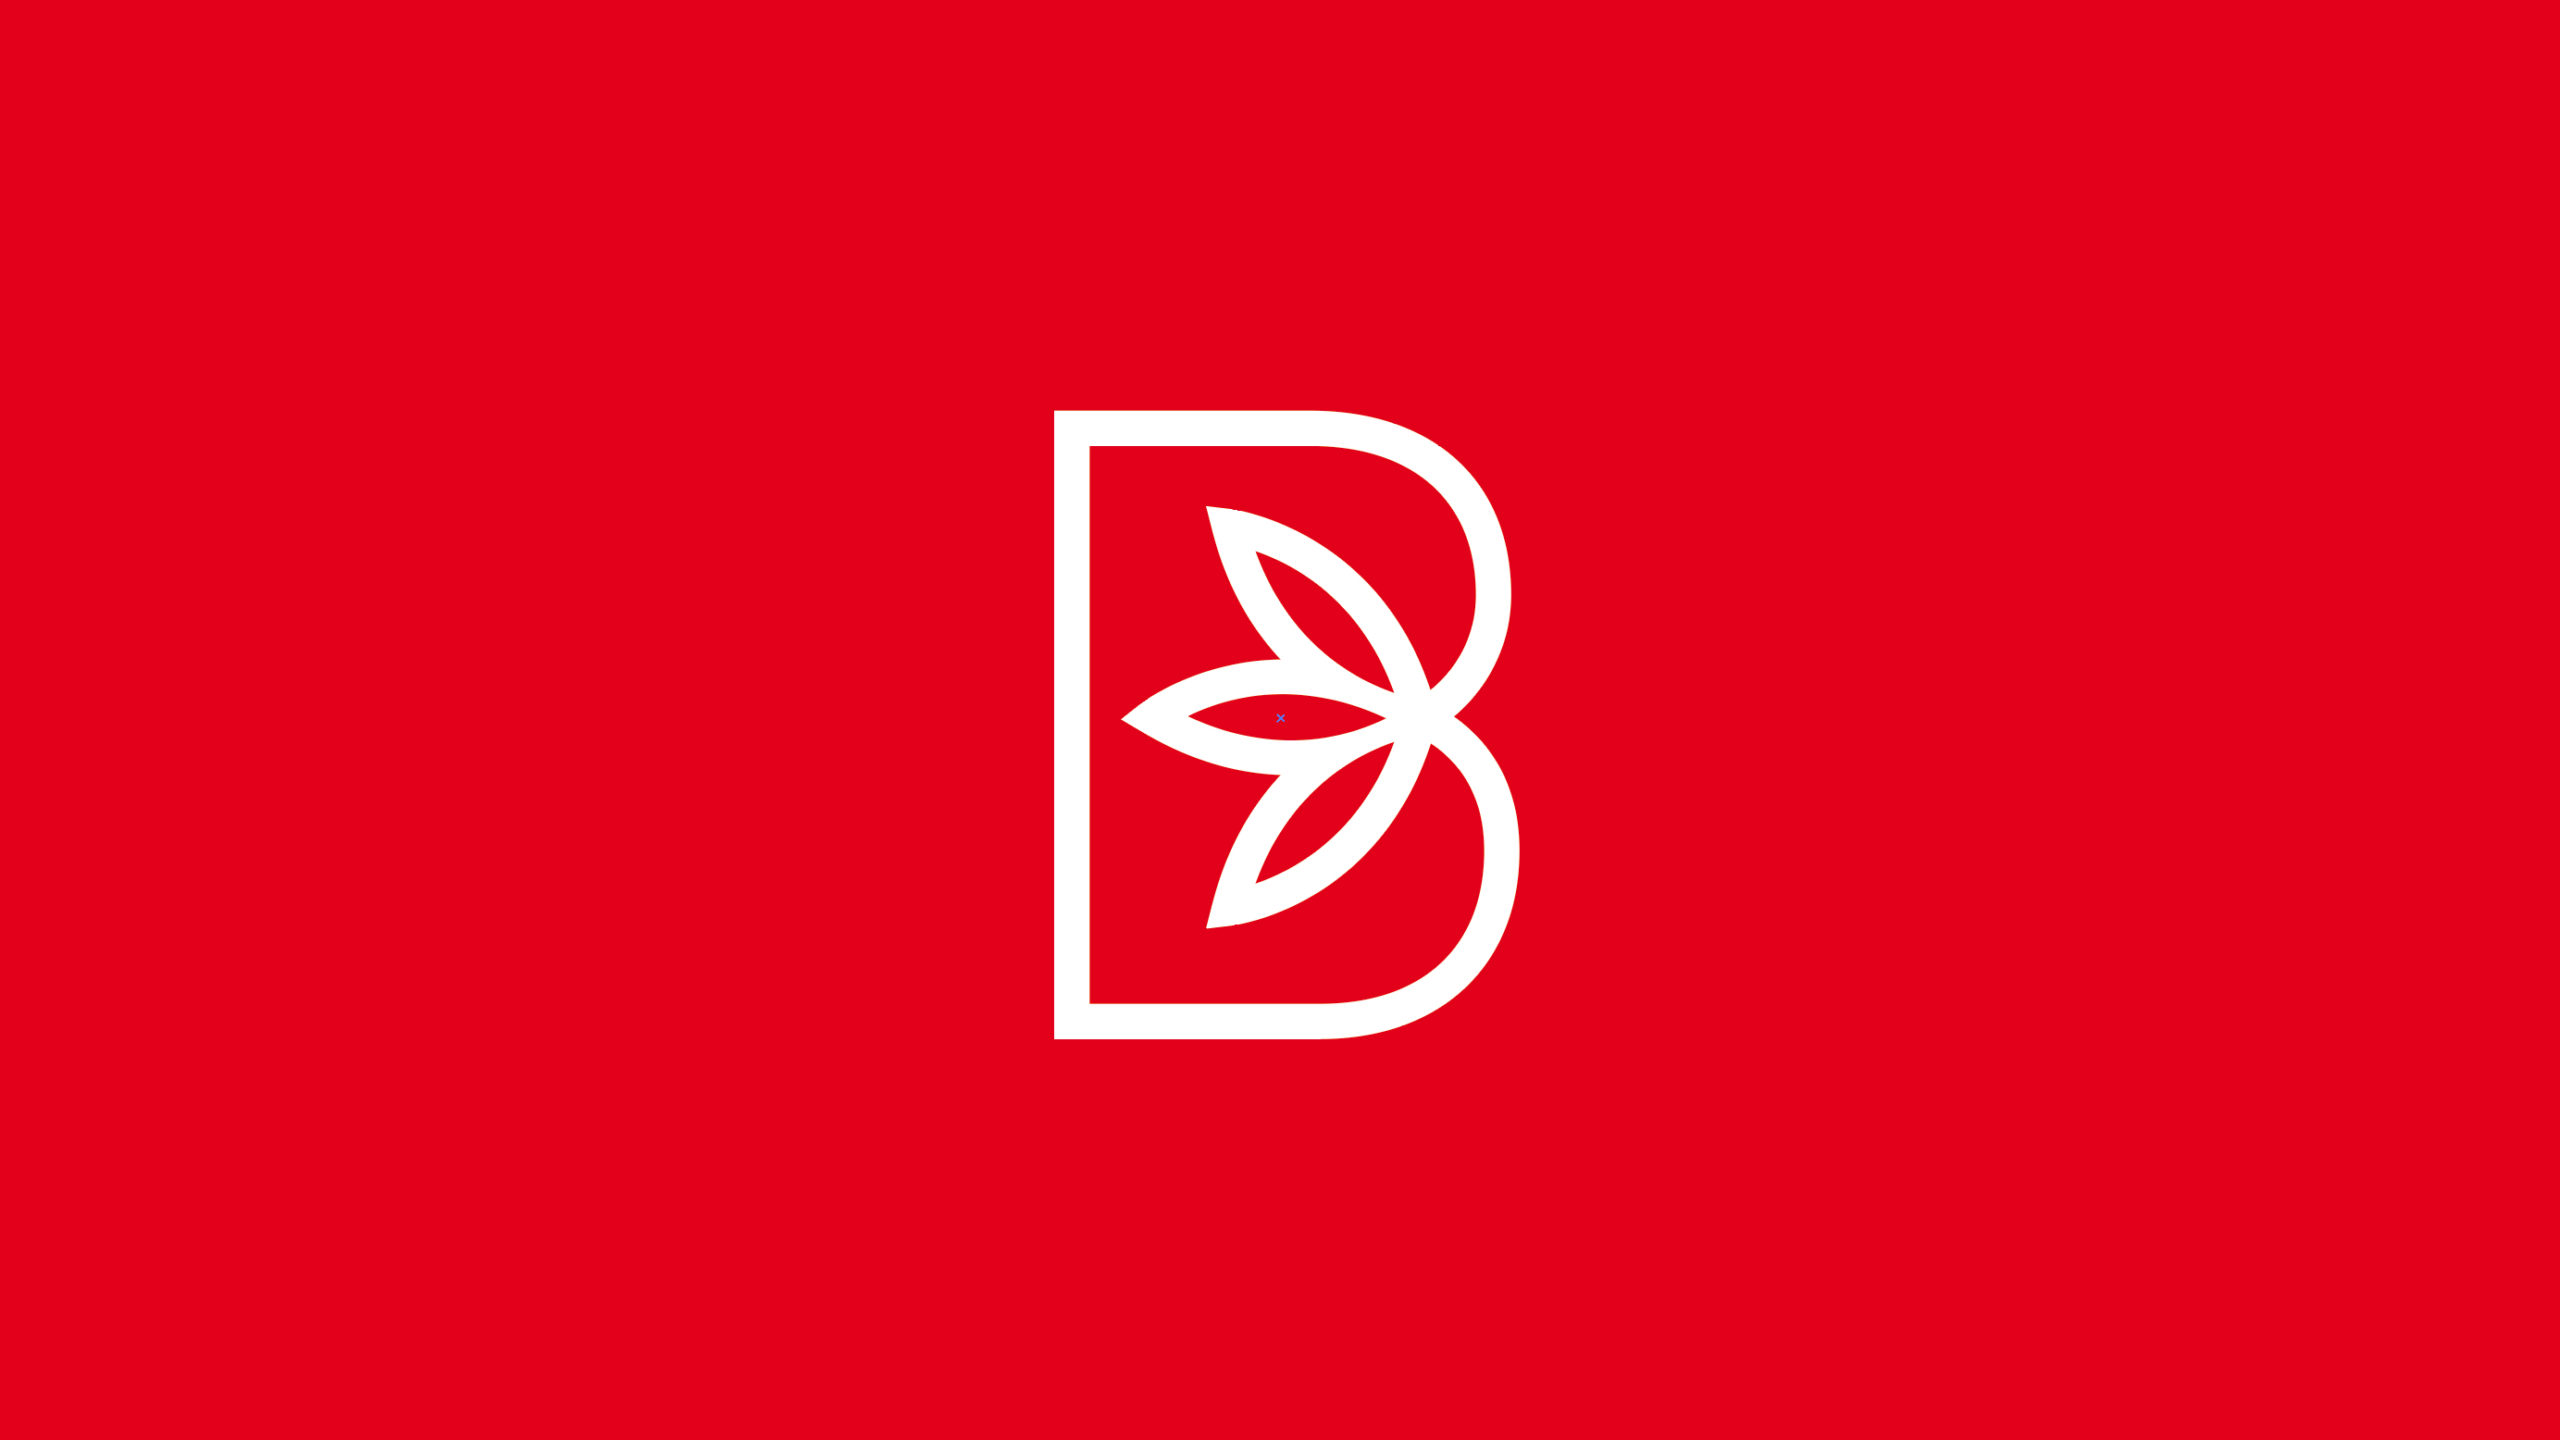 Briens Architecte Paysagiste Identite Visuelle Logotype Icone Scaled